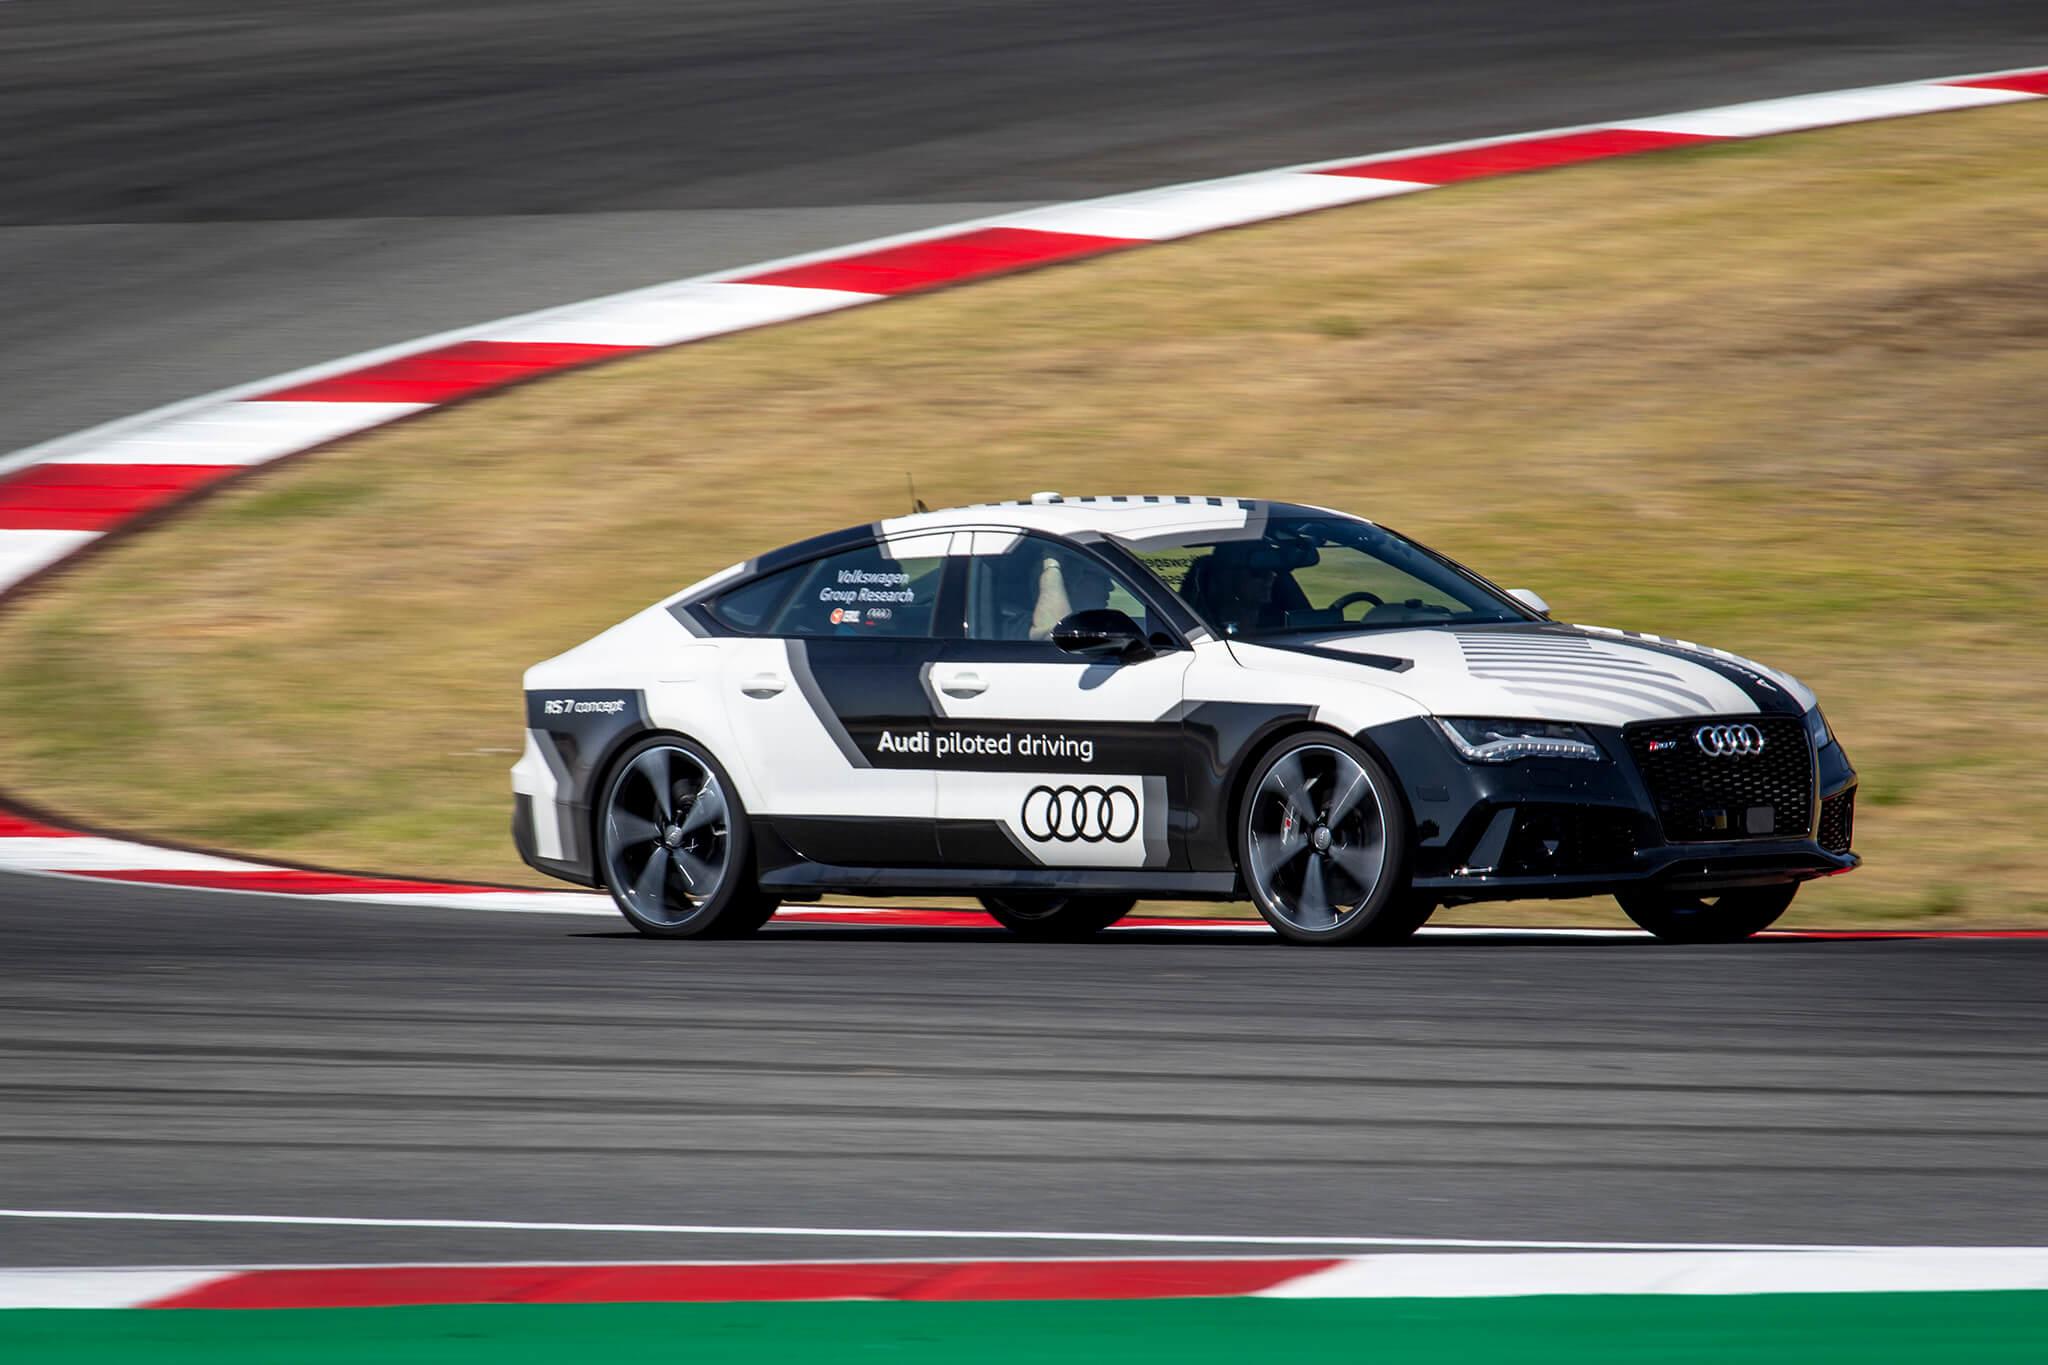 Audi RS 7 Carro-robô